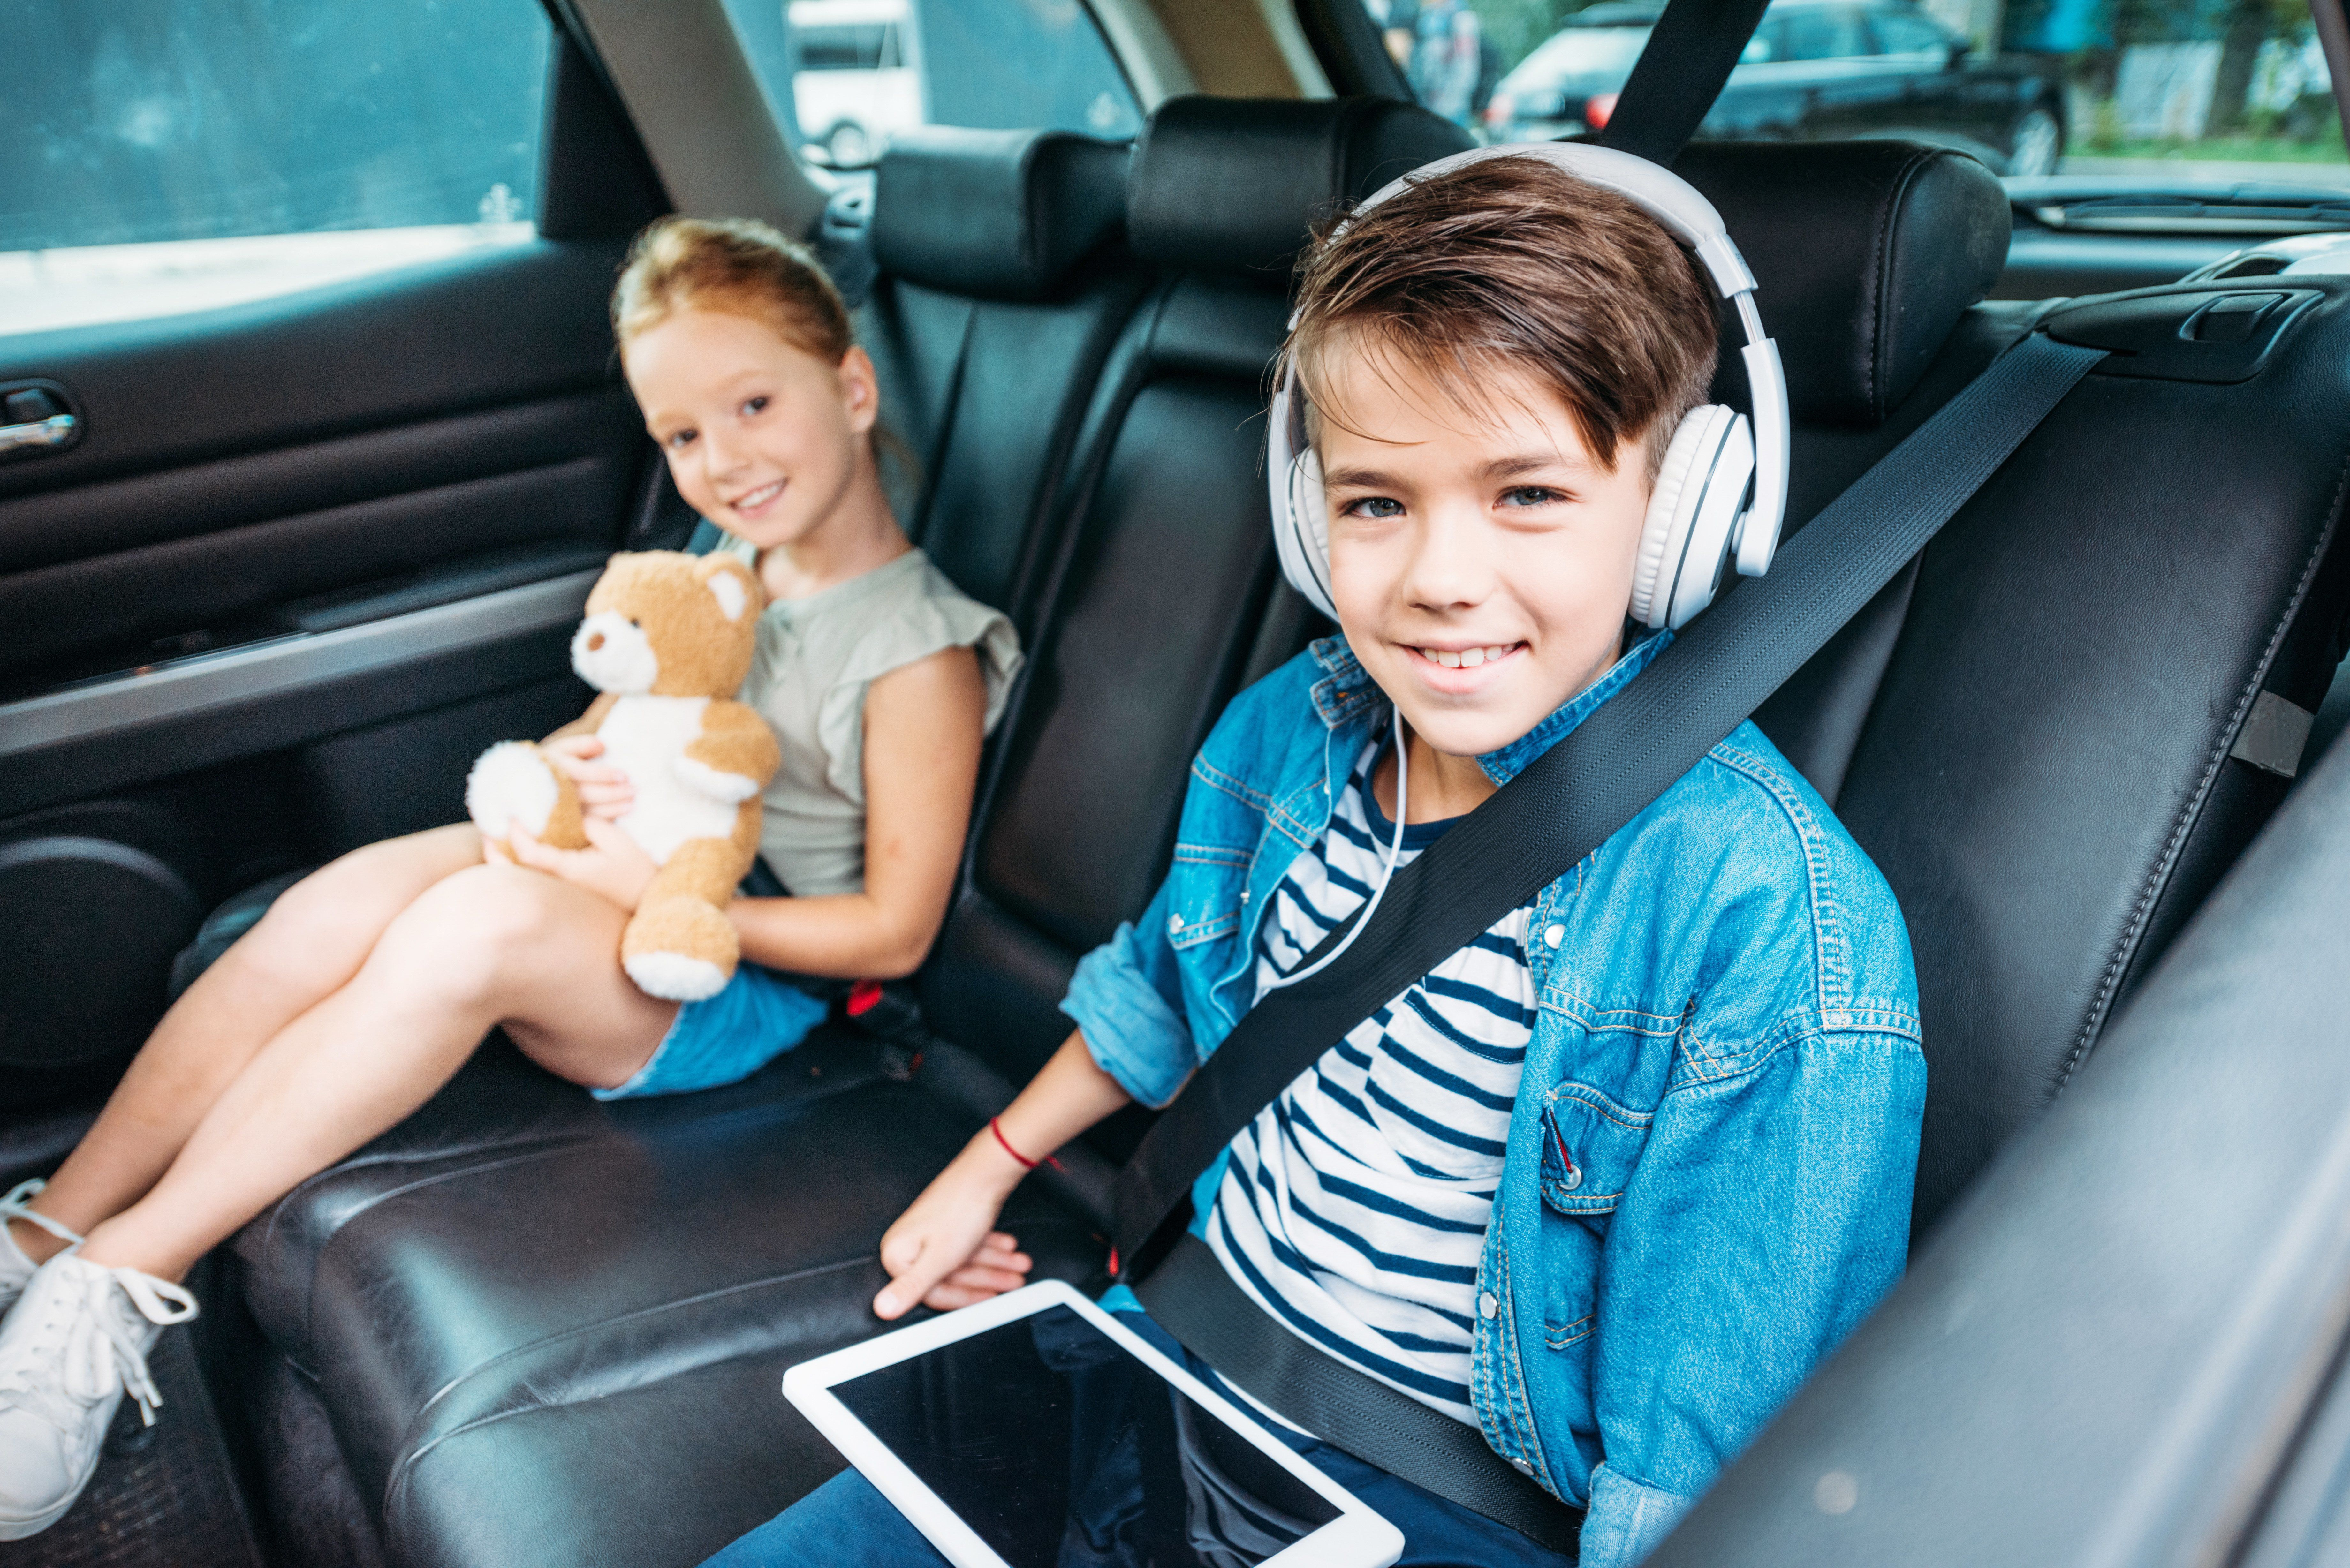 lange Autofahrten mit Kinder – Tipps für eine stressfreie Fahrt